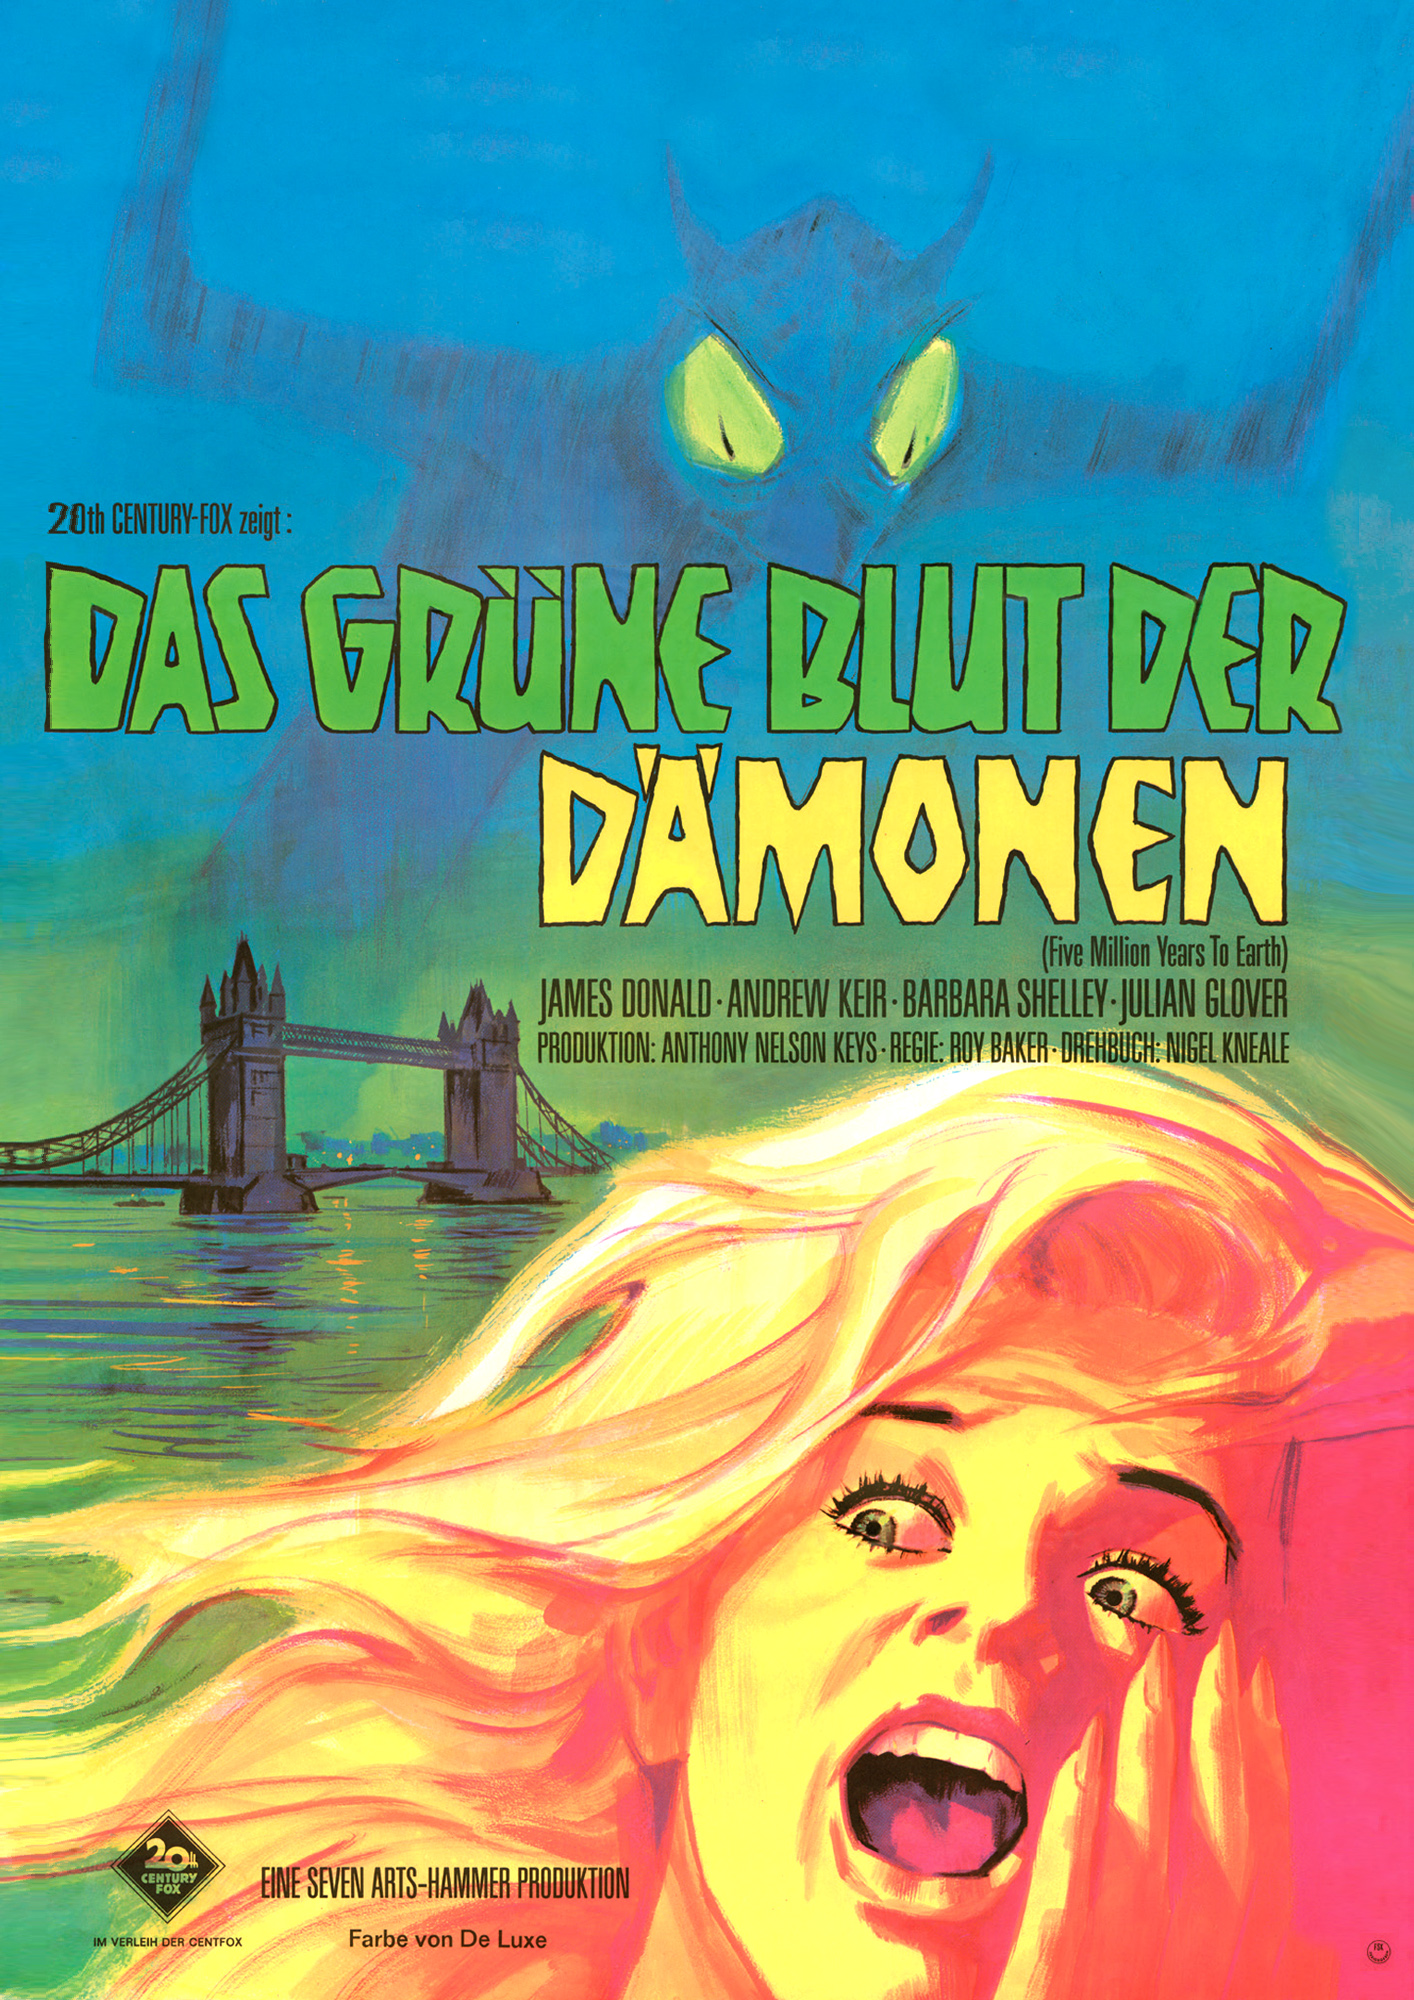 Hammer01_GrueneBlut